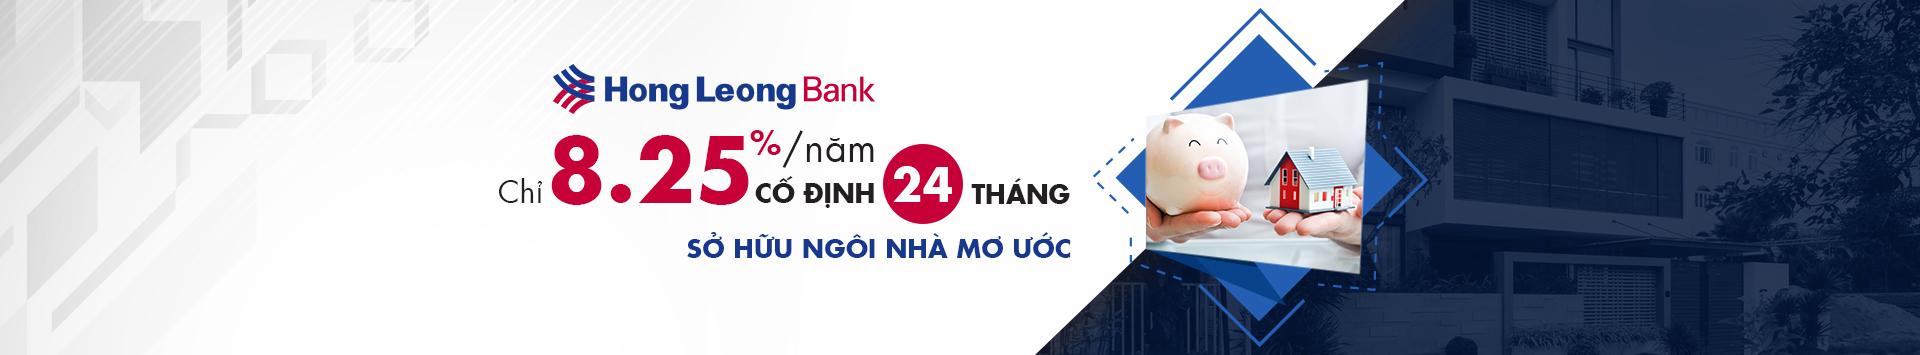 Vay mua nhà cùng Hong Leong Bank